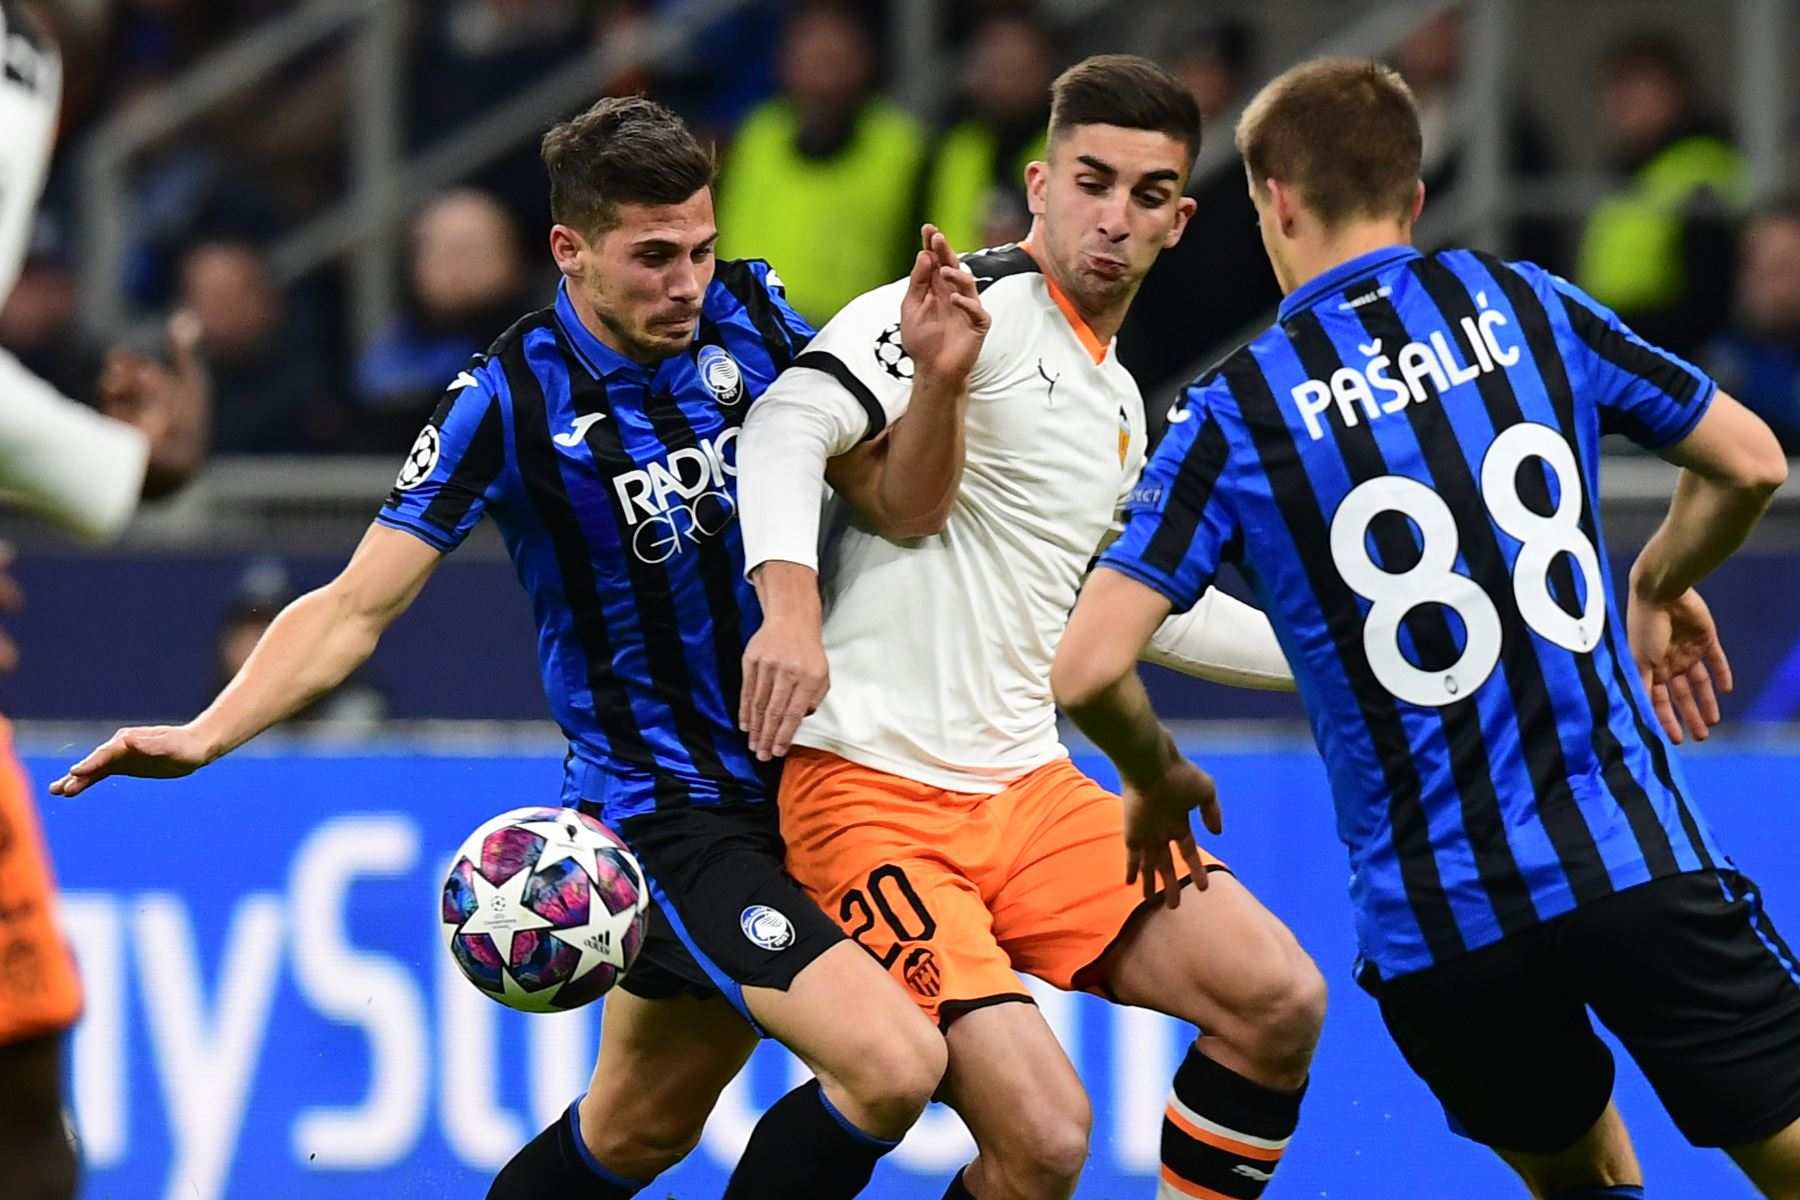 El centrocampista suizo de Atalanta, Remo Freuler (L) y el centrocampista español de Valencia, Ferran Torres, van por el balón durante la ronda de 16 de la UEFA Champions League.Foto:AFP